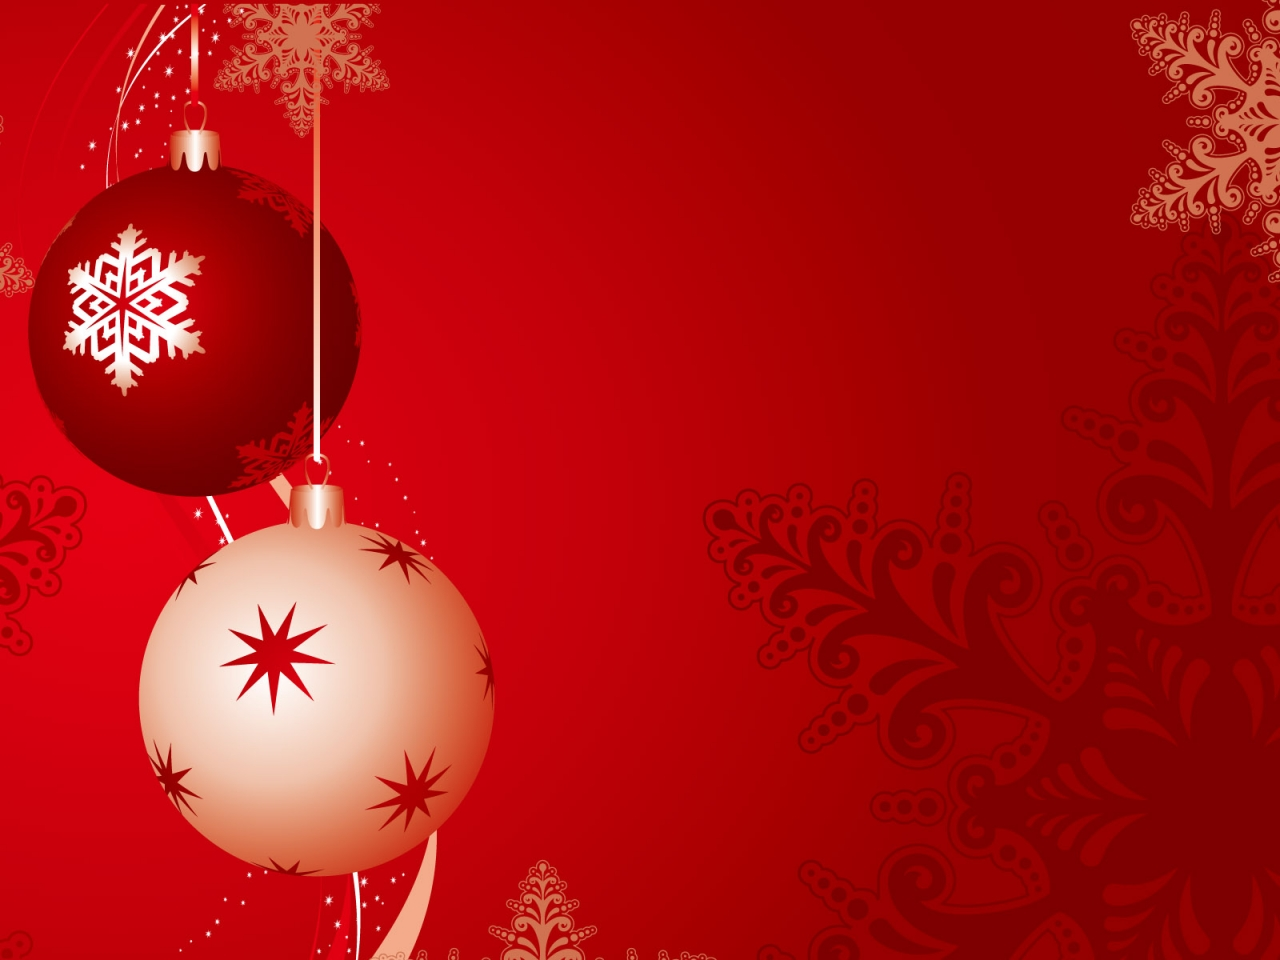 Fondo rojo con bolas de navidad - 1280x960